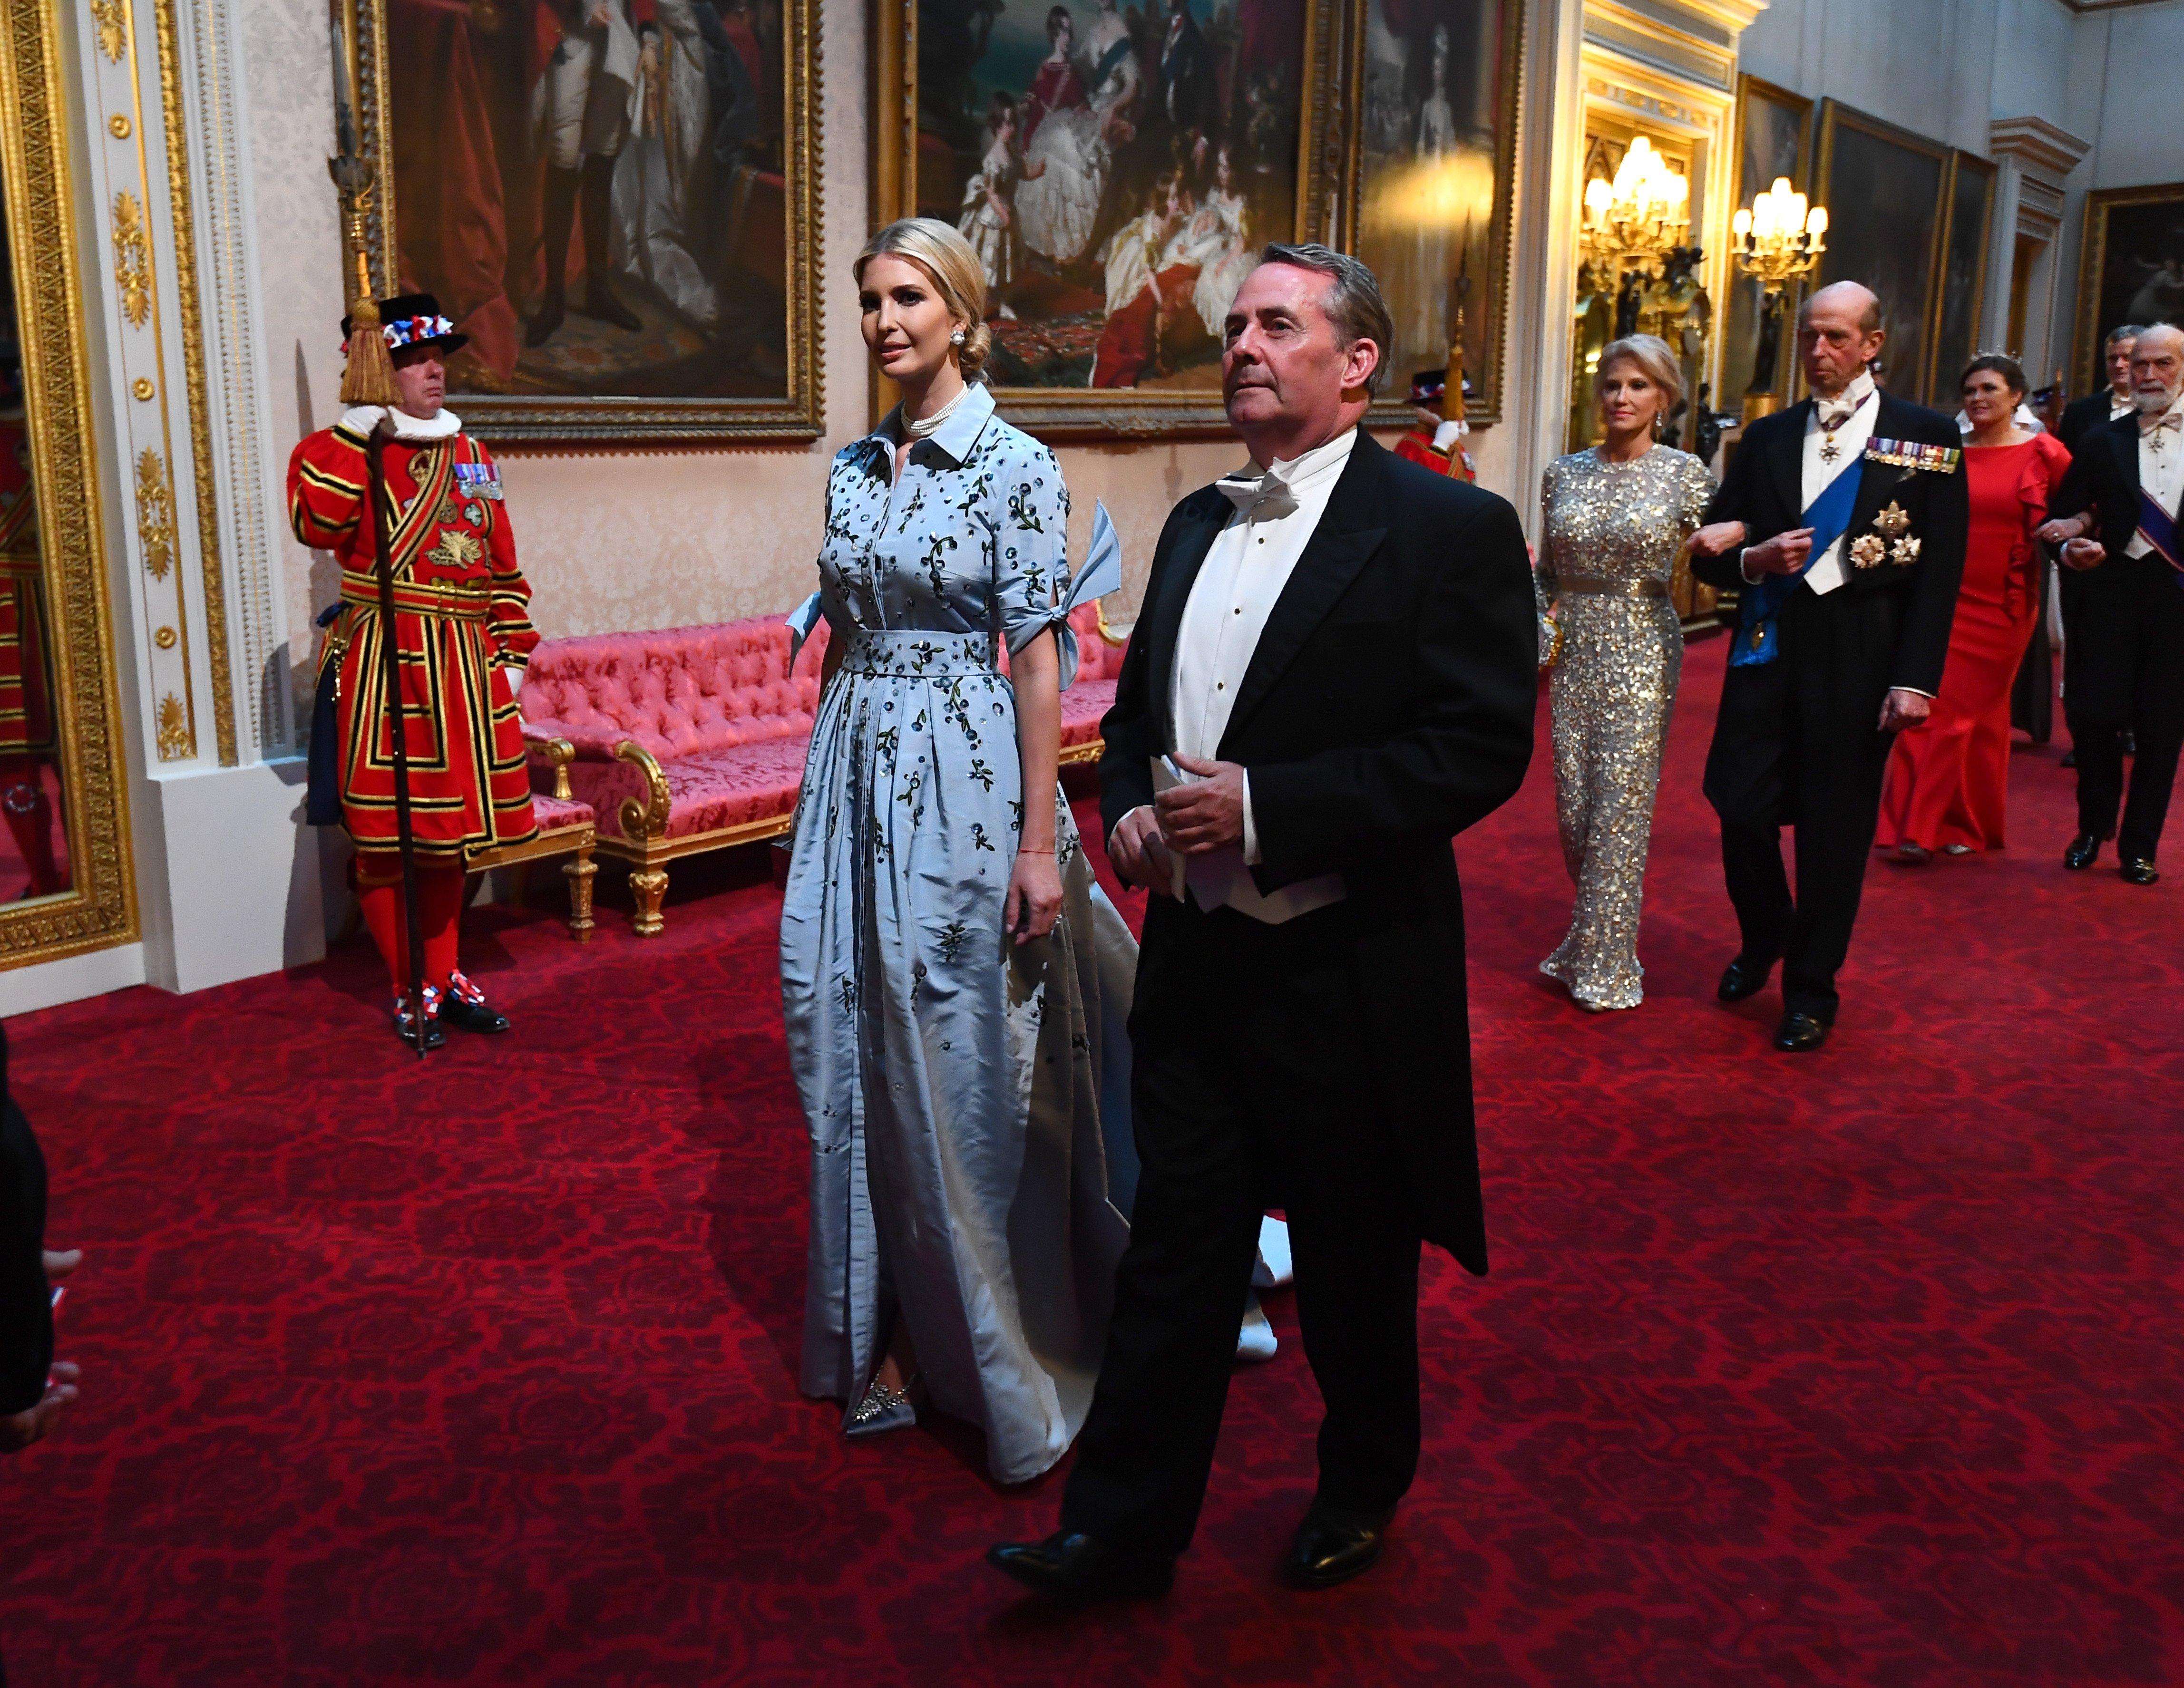 Ivanka Trump asiste al banquete estatal para su padre, el presidente de Estados Unidos, Donald Trump, el 3 de junio de 2019 | Imagen: Getty Images